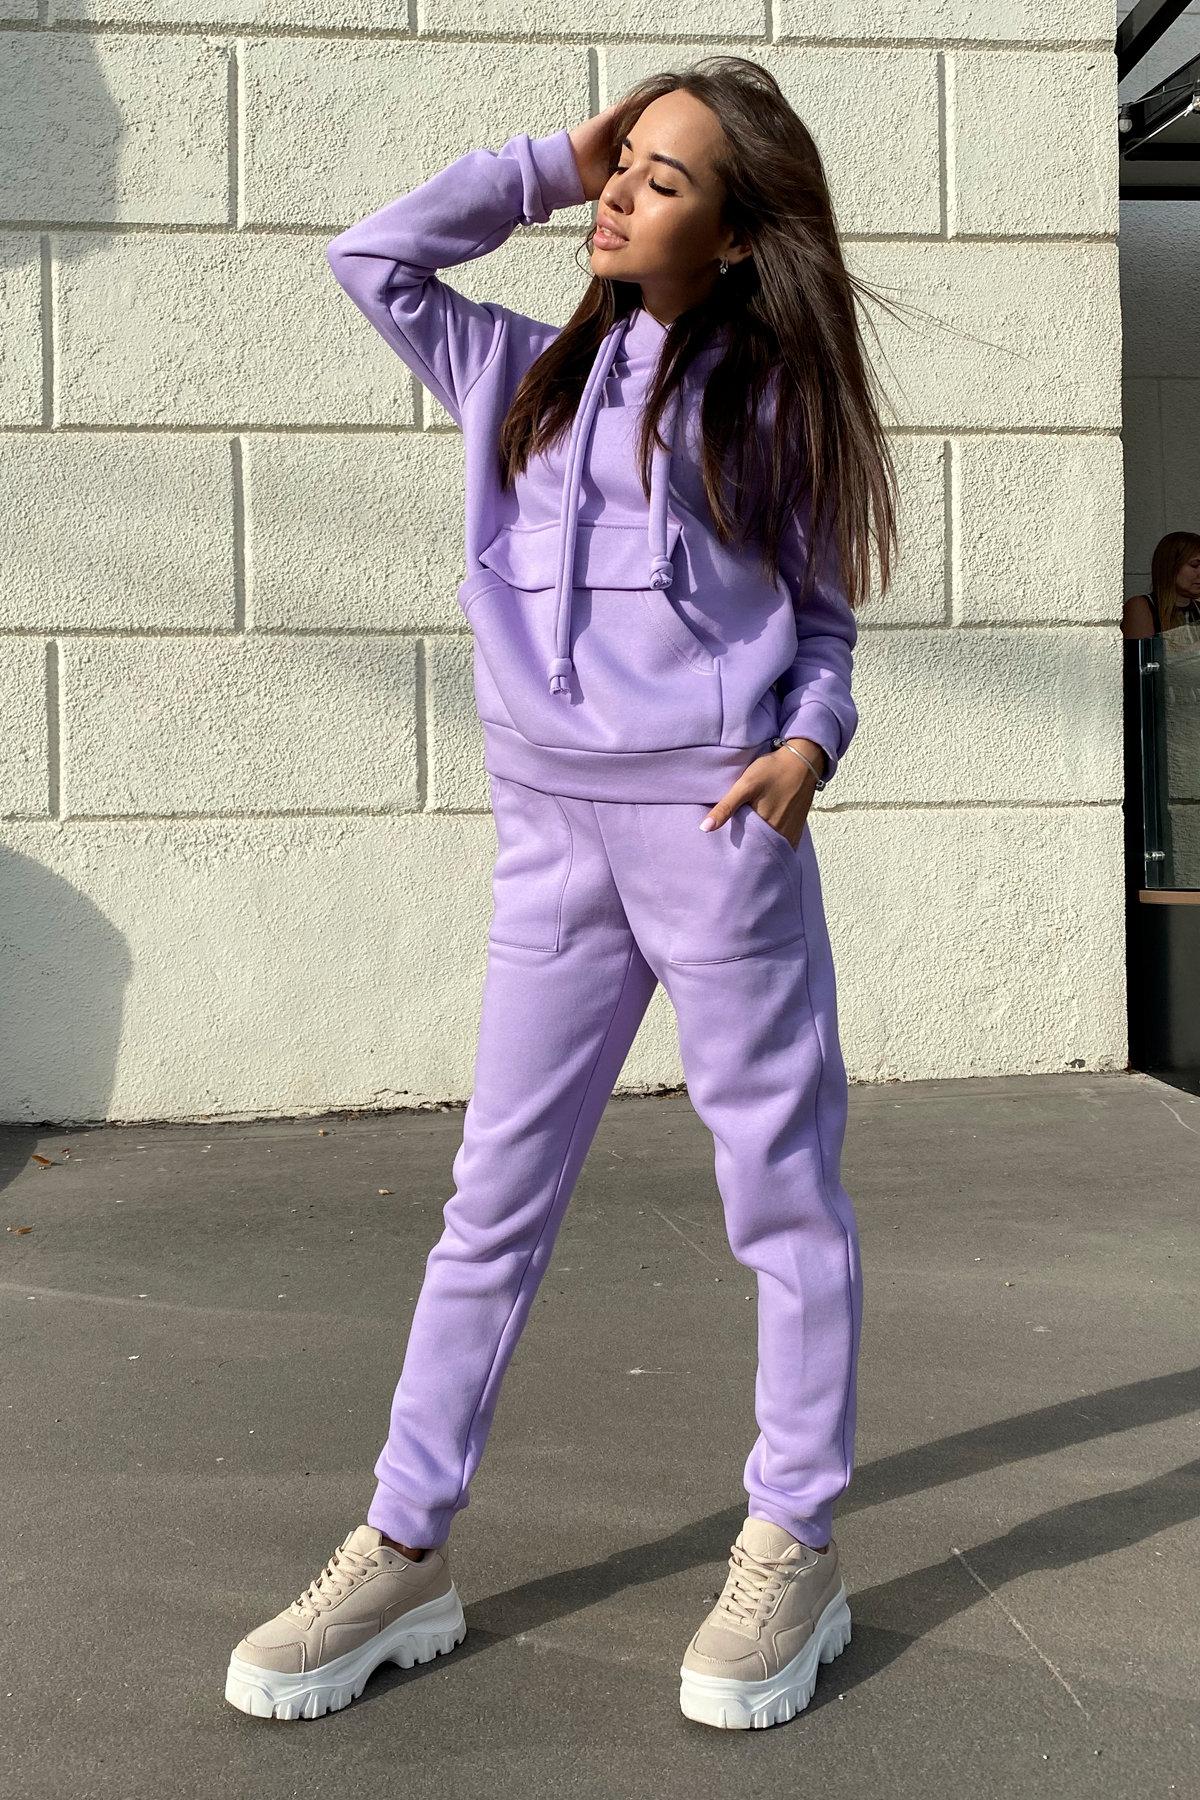 Бруклин  прогулочный костюм 3х нитка с начесом  9663 АРТ. 46097 Цвет: лаванда светлая - фото 5, интернет магазин tm-modus.ru